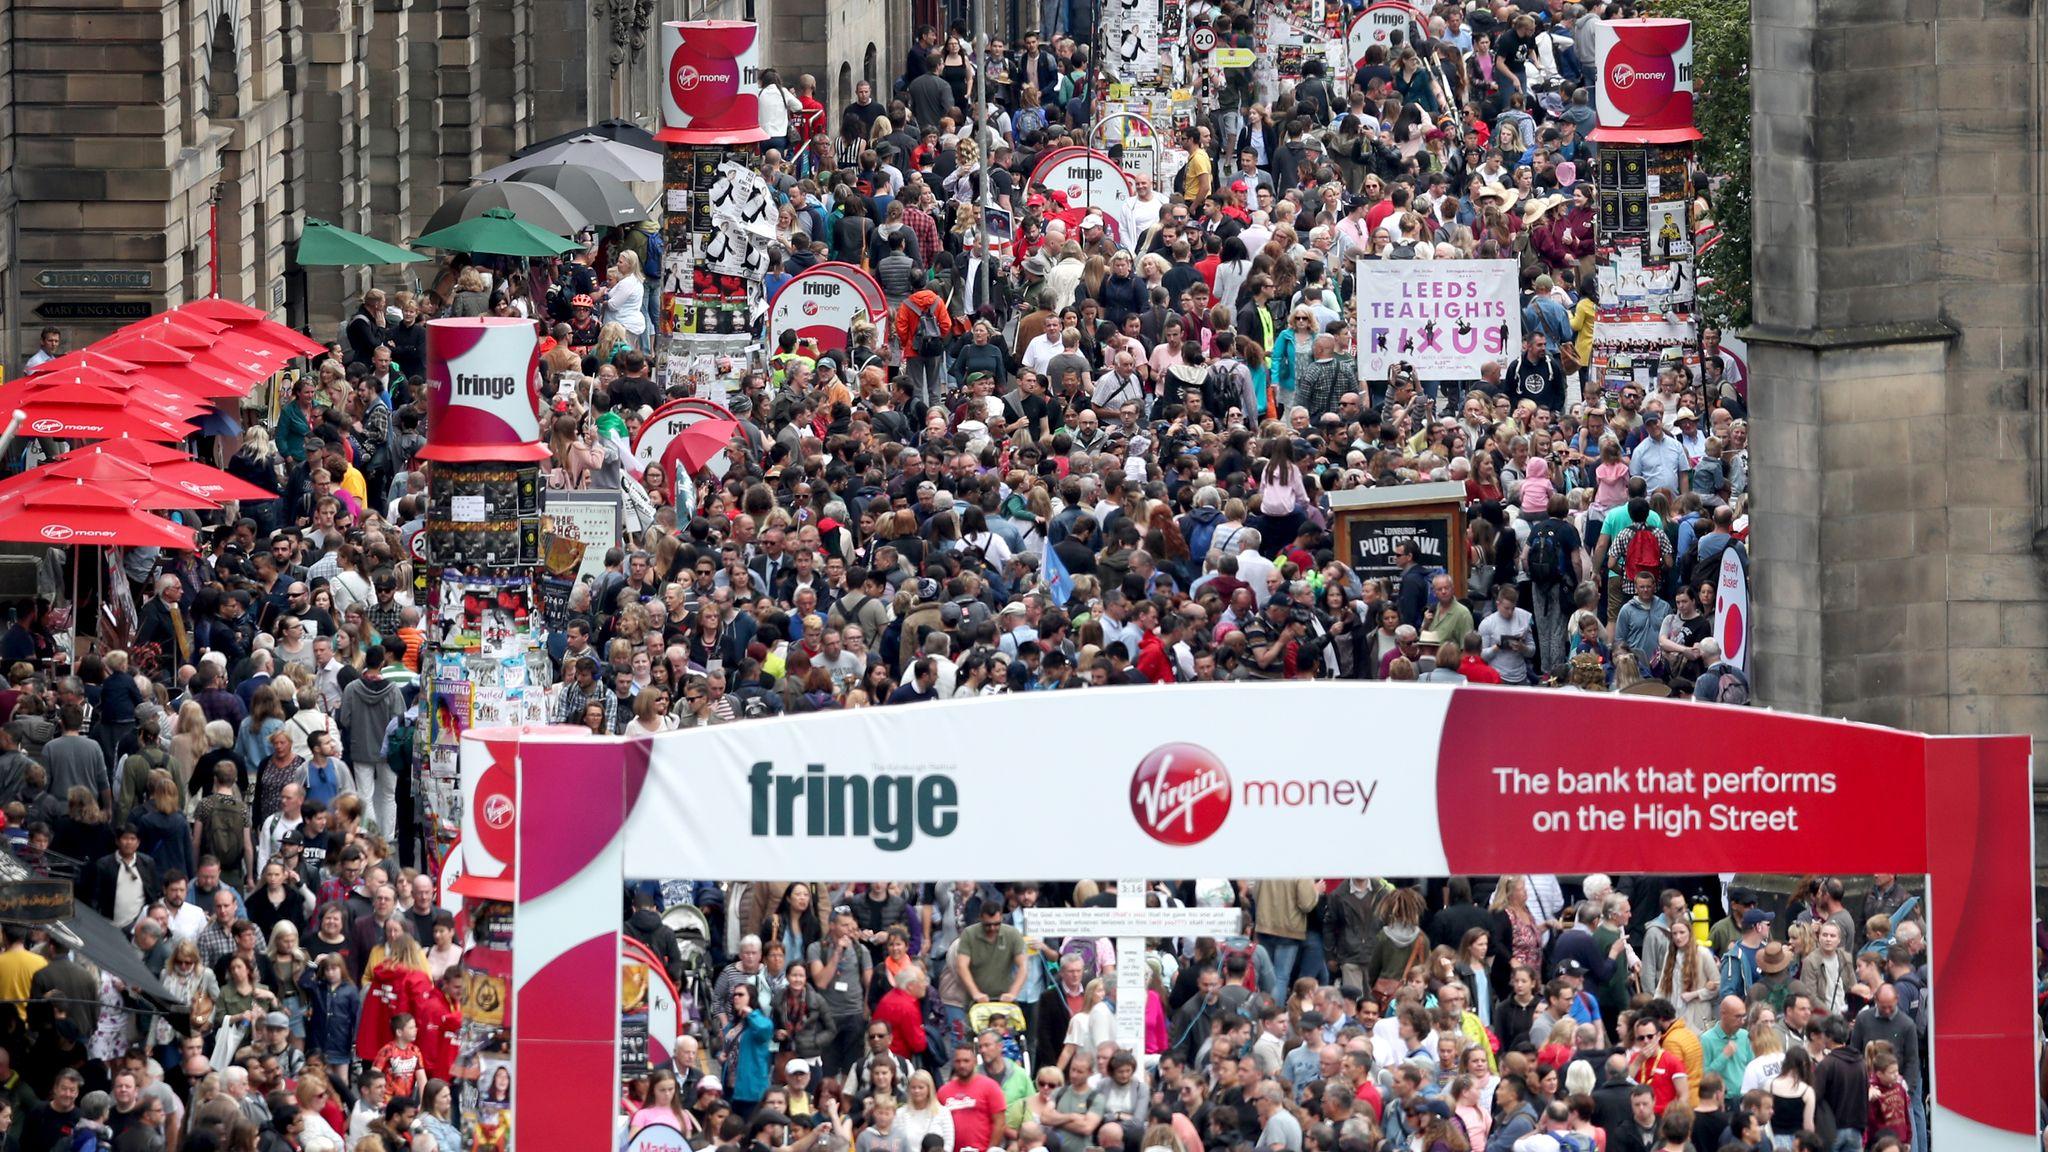 Edinburgh Fringe Festivali